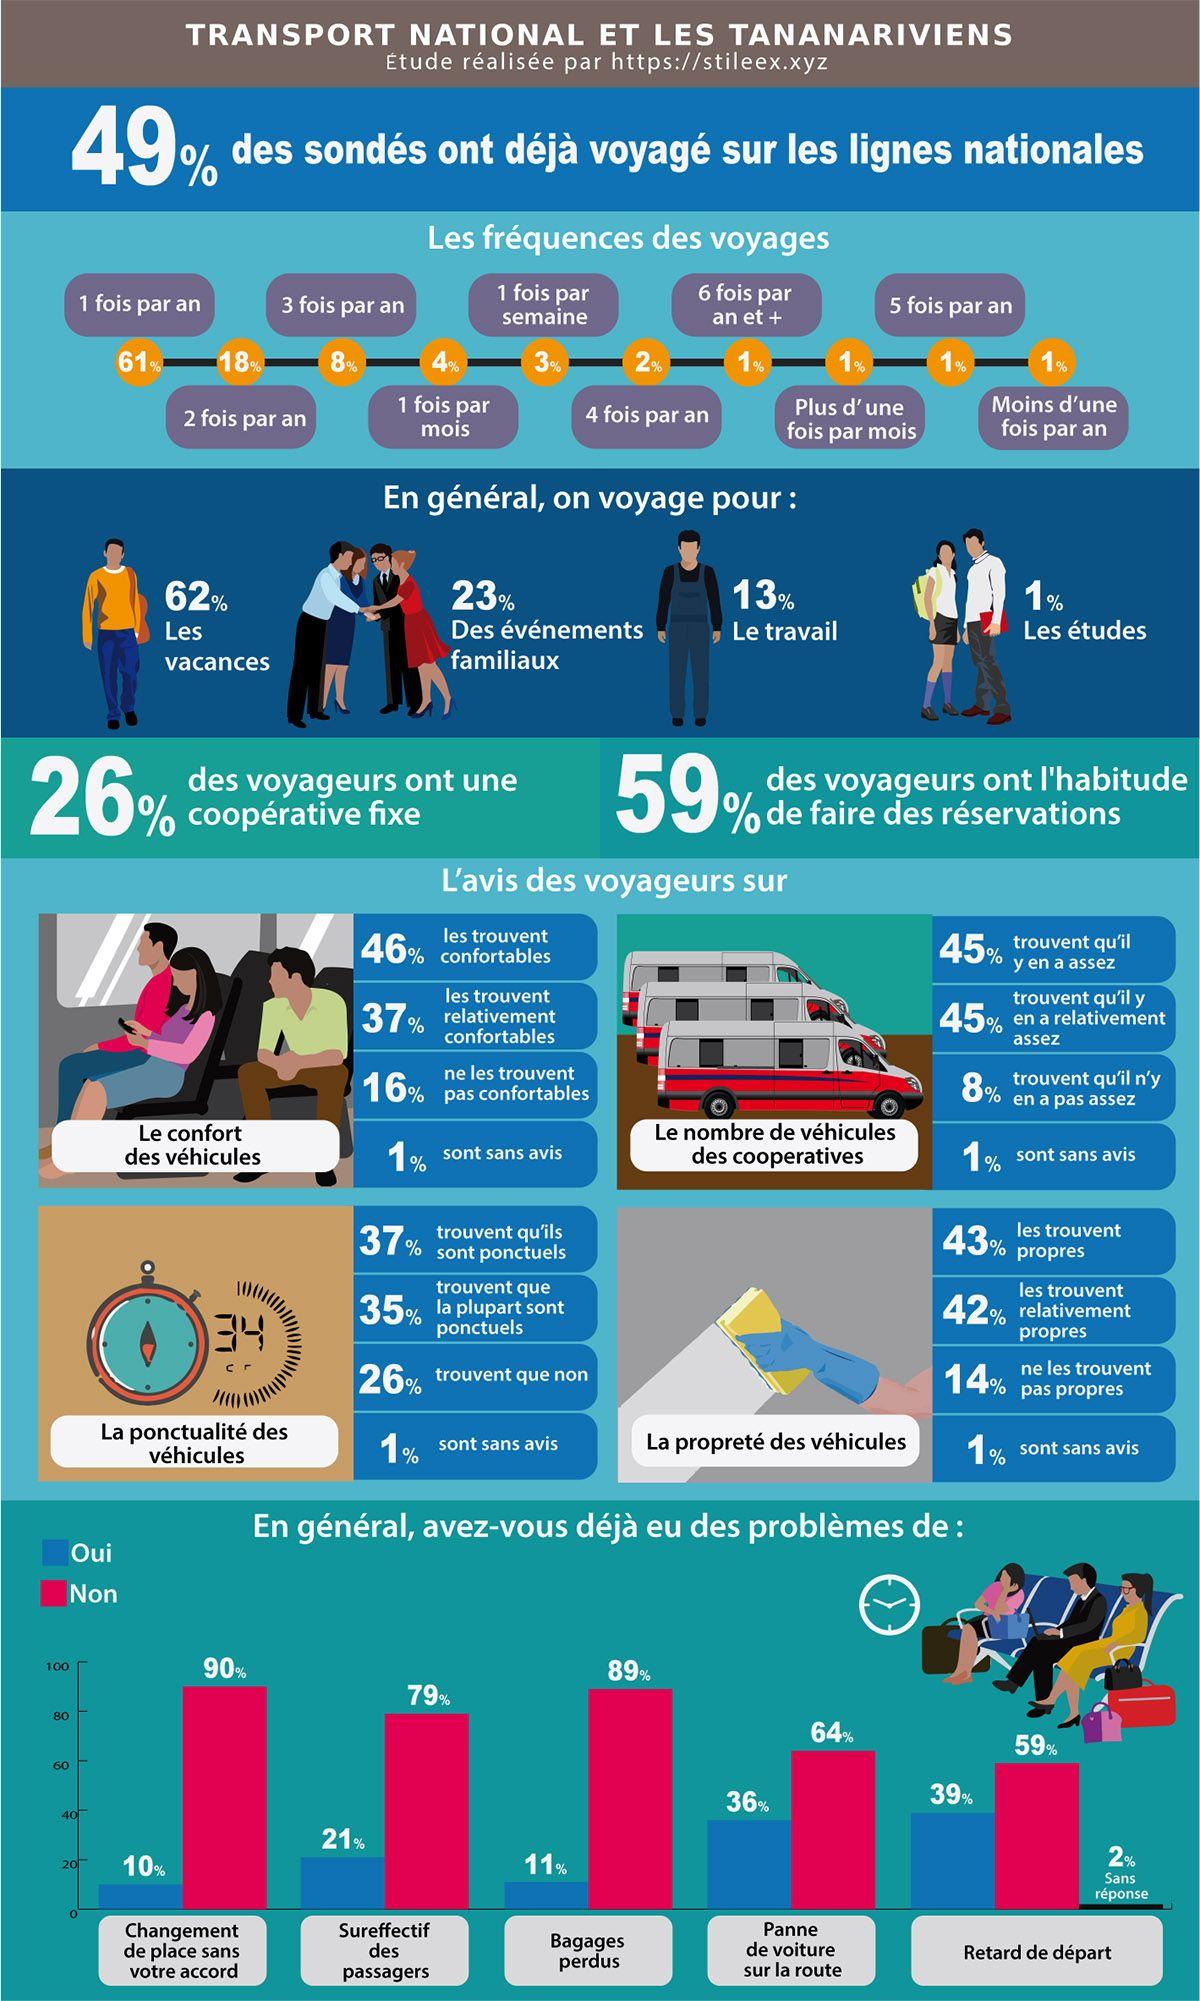 Le résultat du sondage sur l'avis des Tananariviens sur le transport national